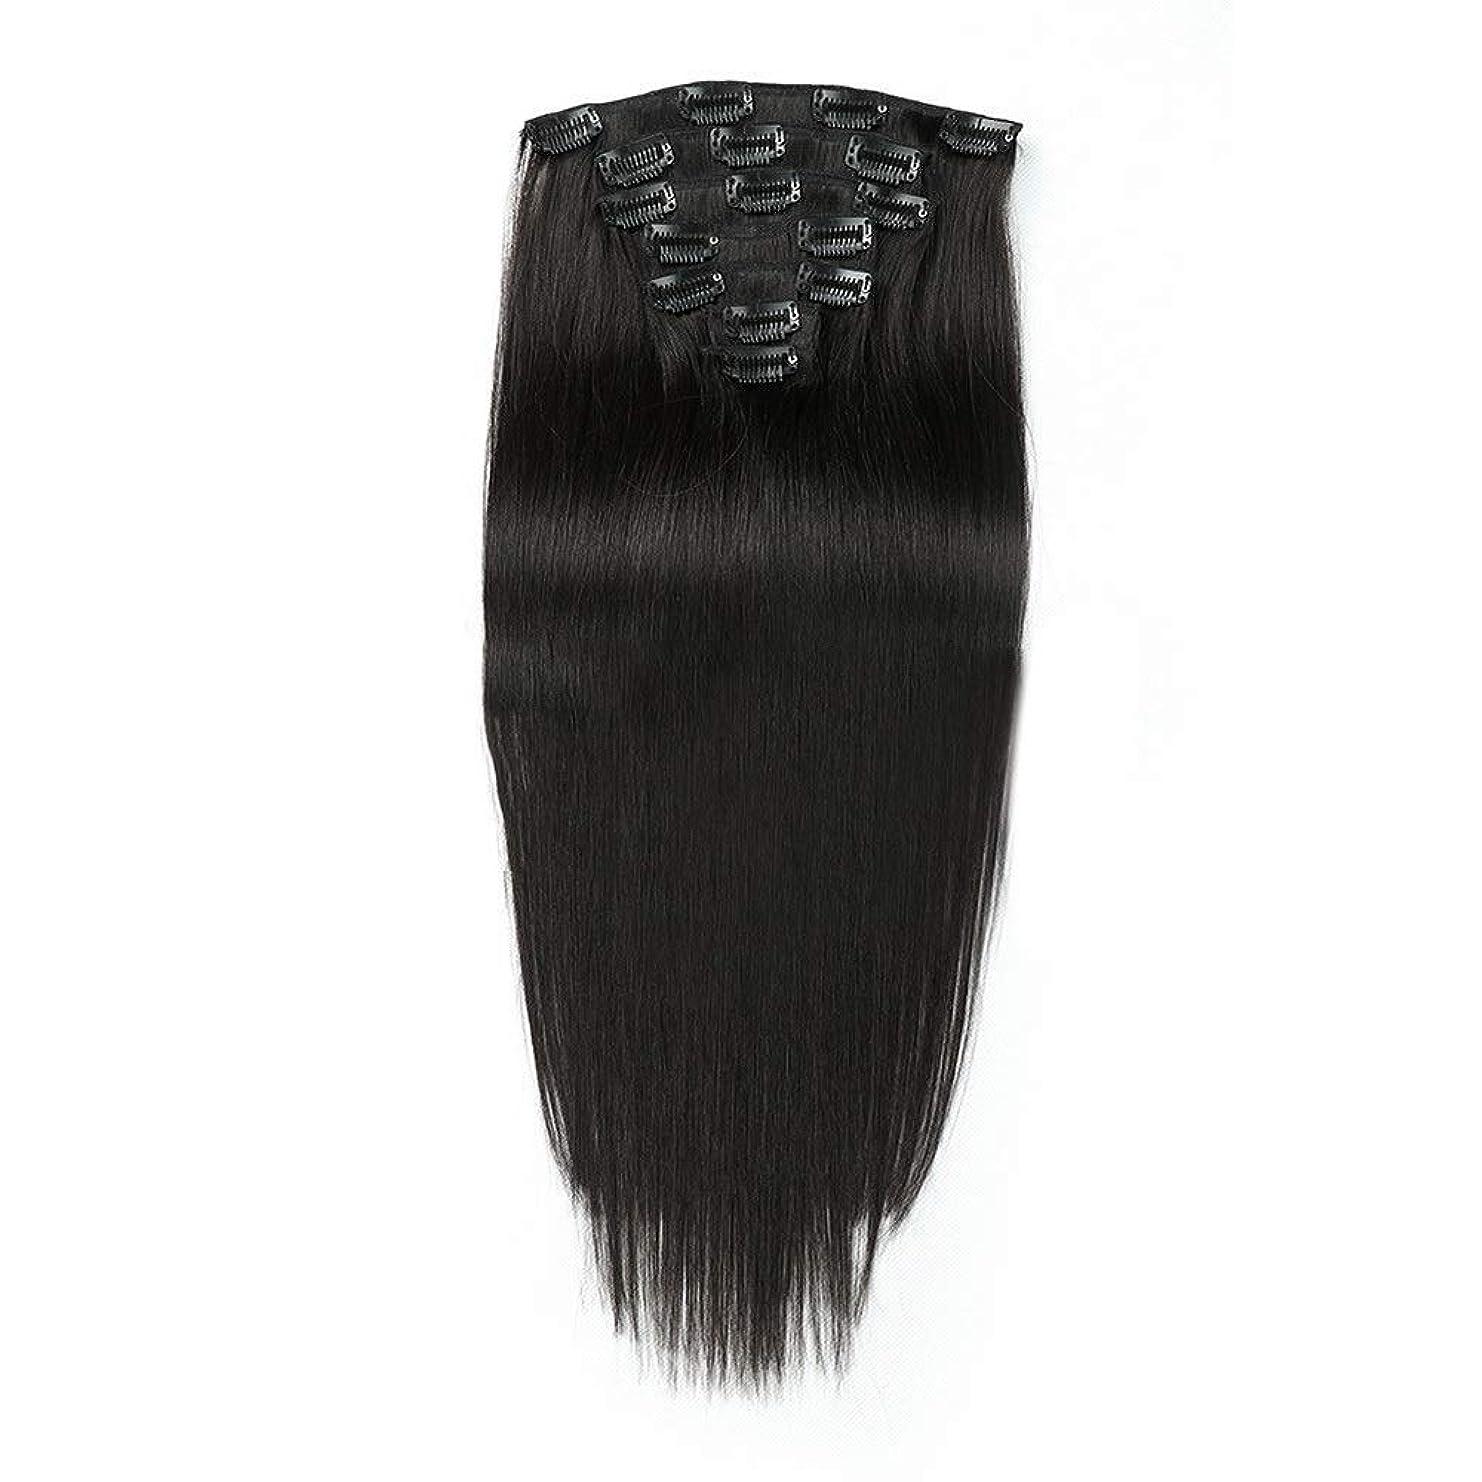 開拓者少ない人に関する限りYESONEEP 人間の髪の毛の拡張子で14インチクリップ - #1黒7個ロングストレートウィッグ (Color : #1 Black)